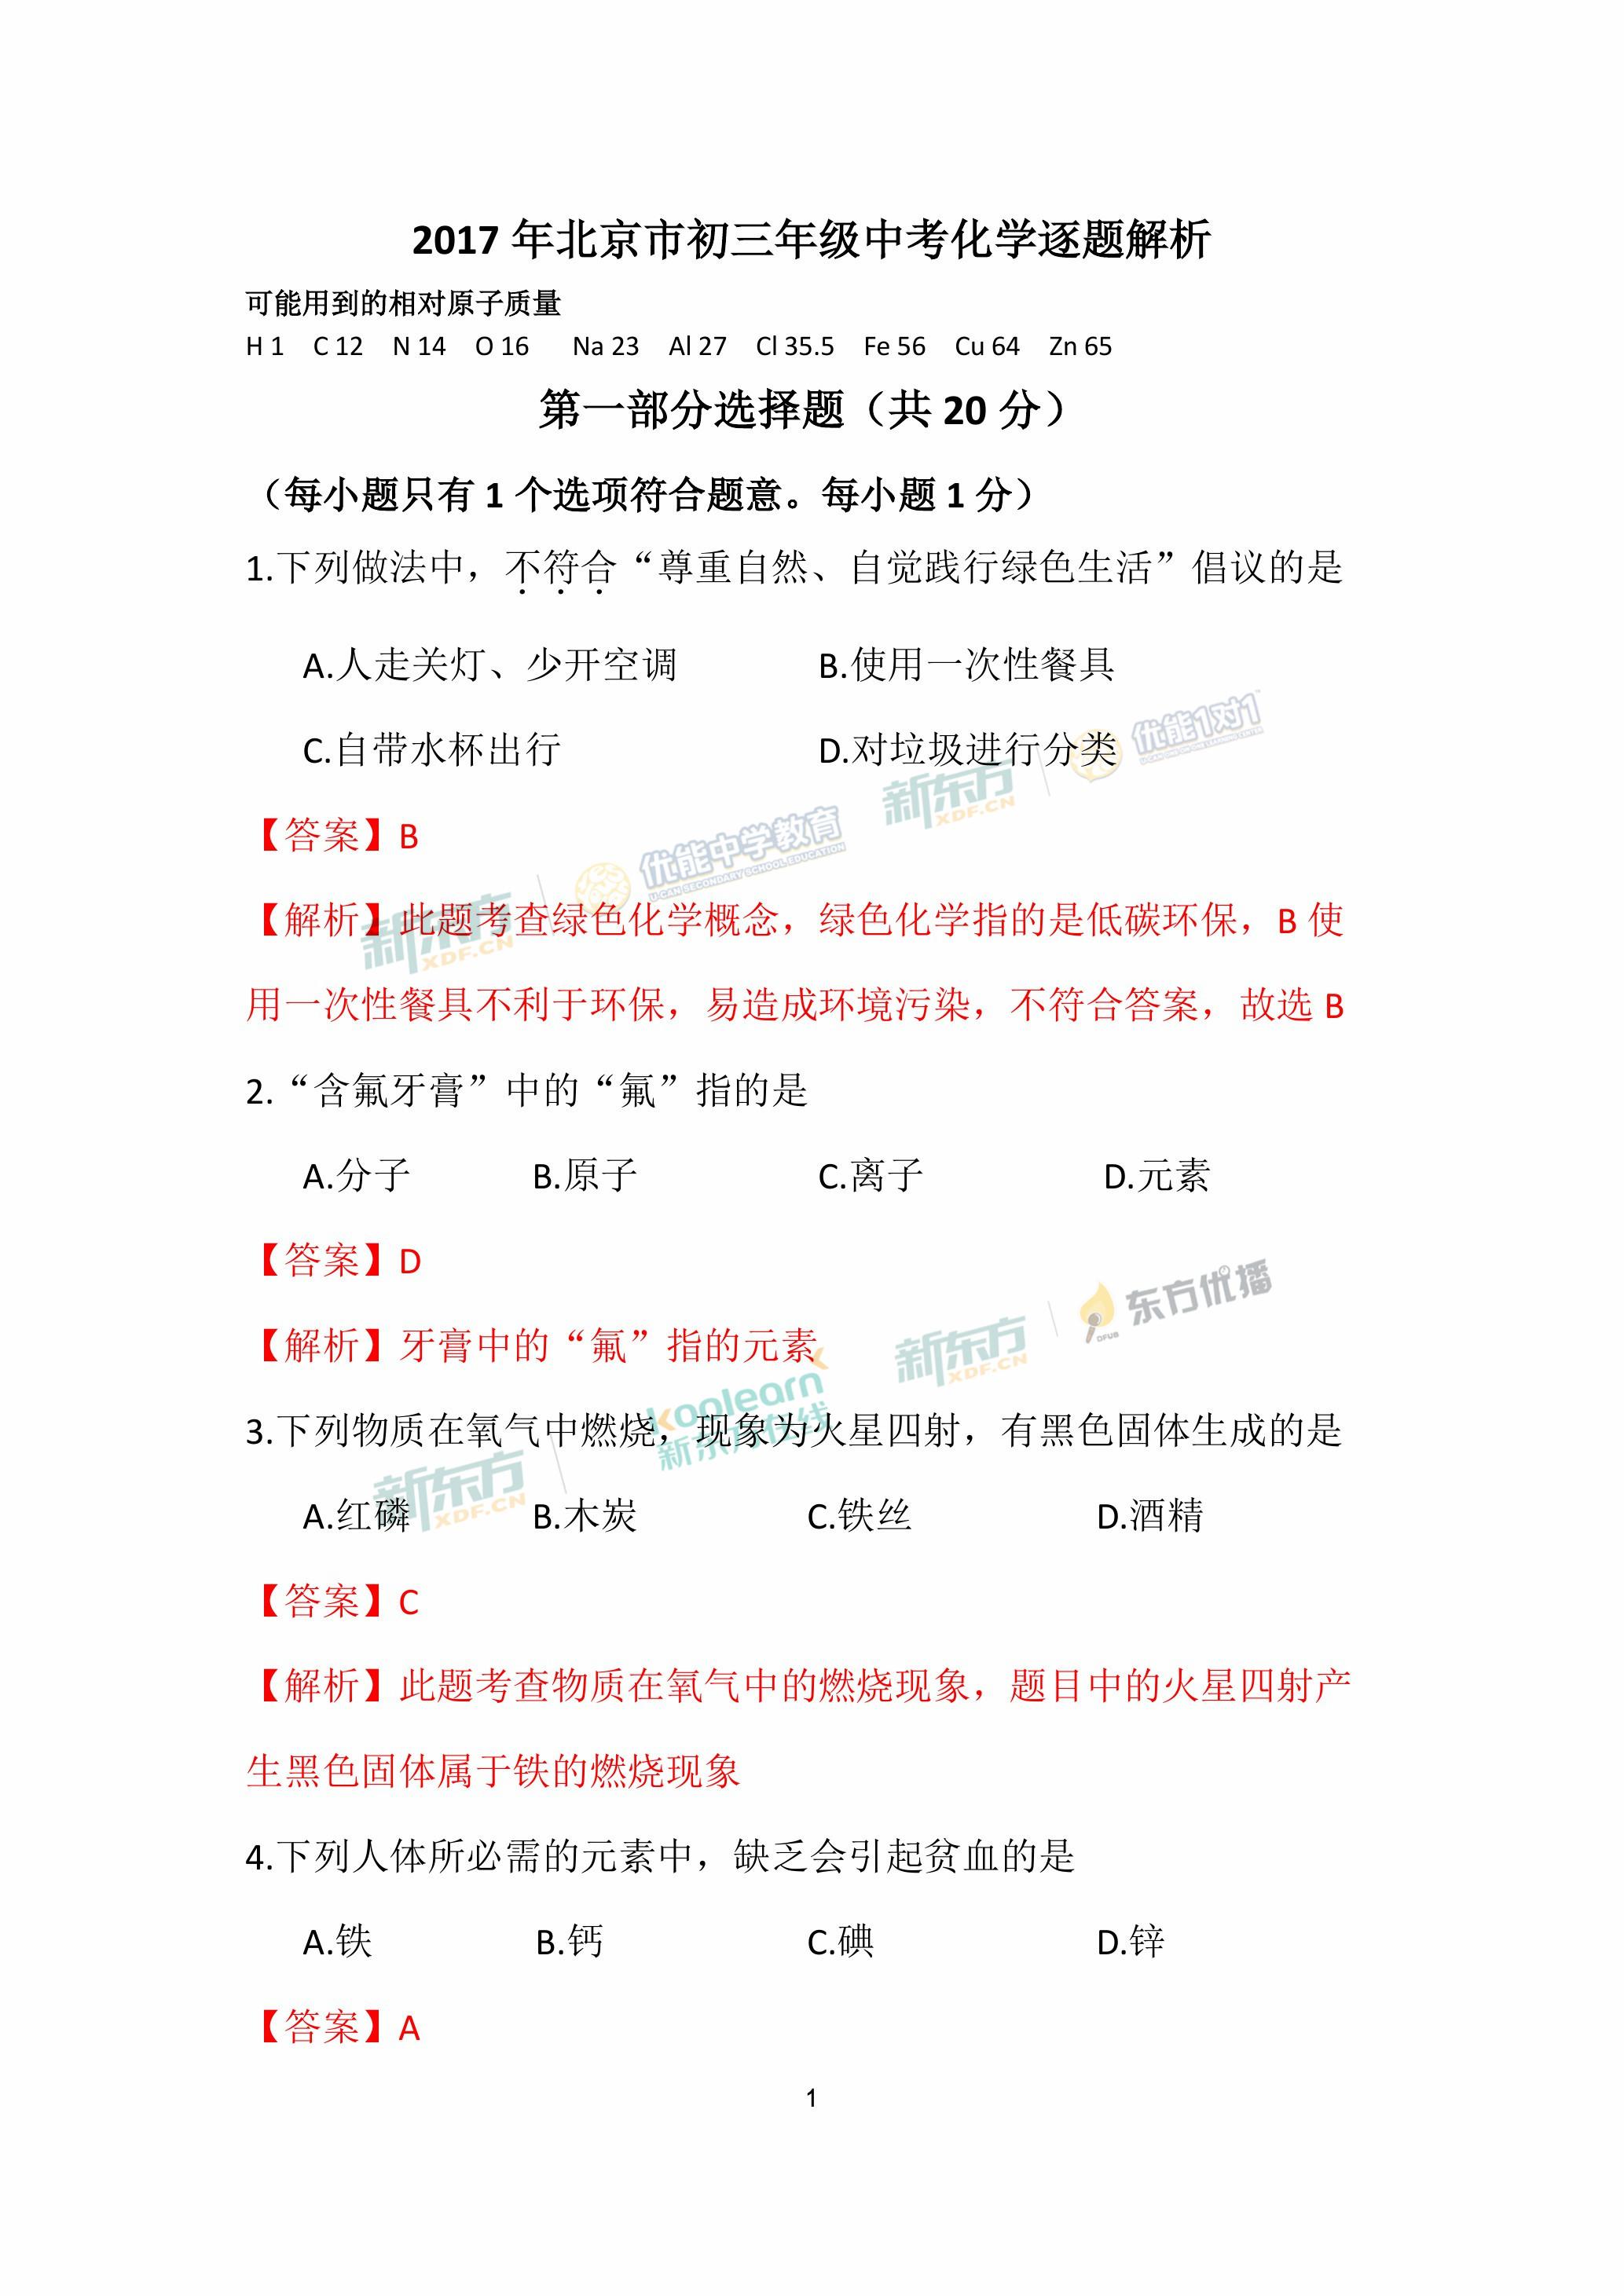 新东方优能名师逐题解析北京2017中考化学试题答案(图片版)